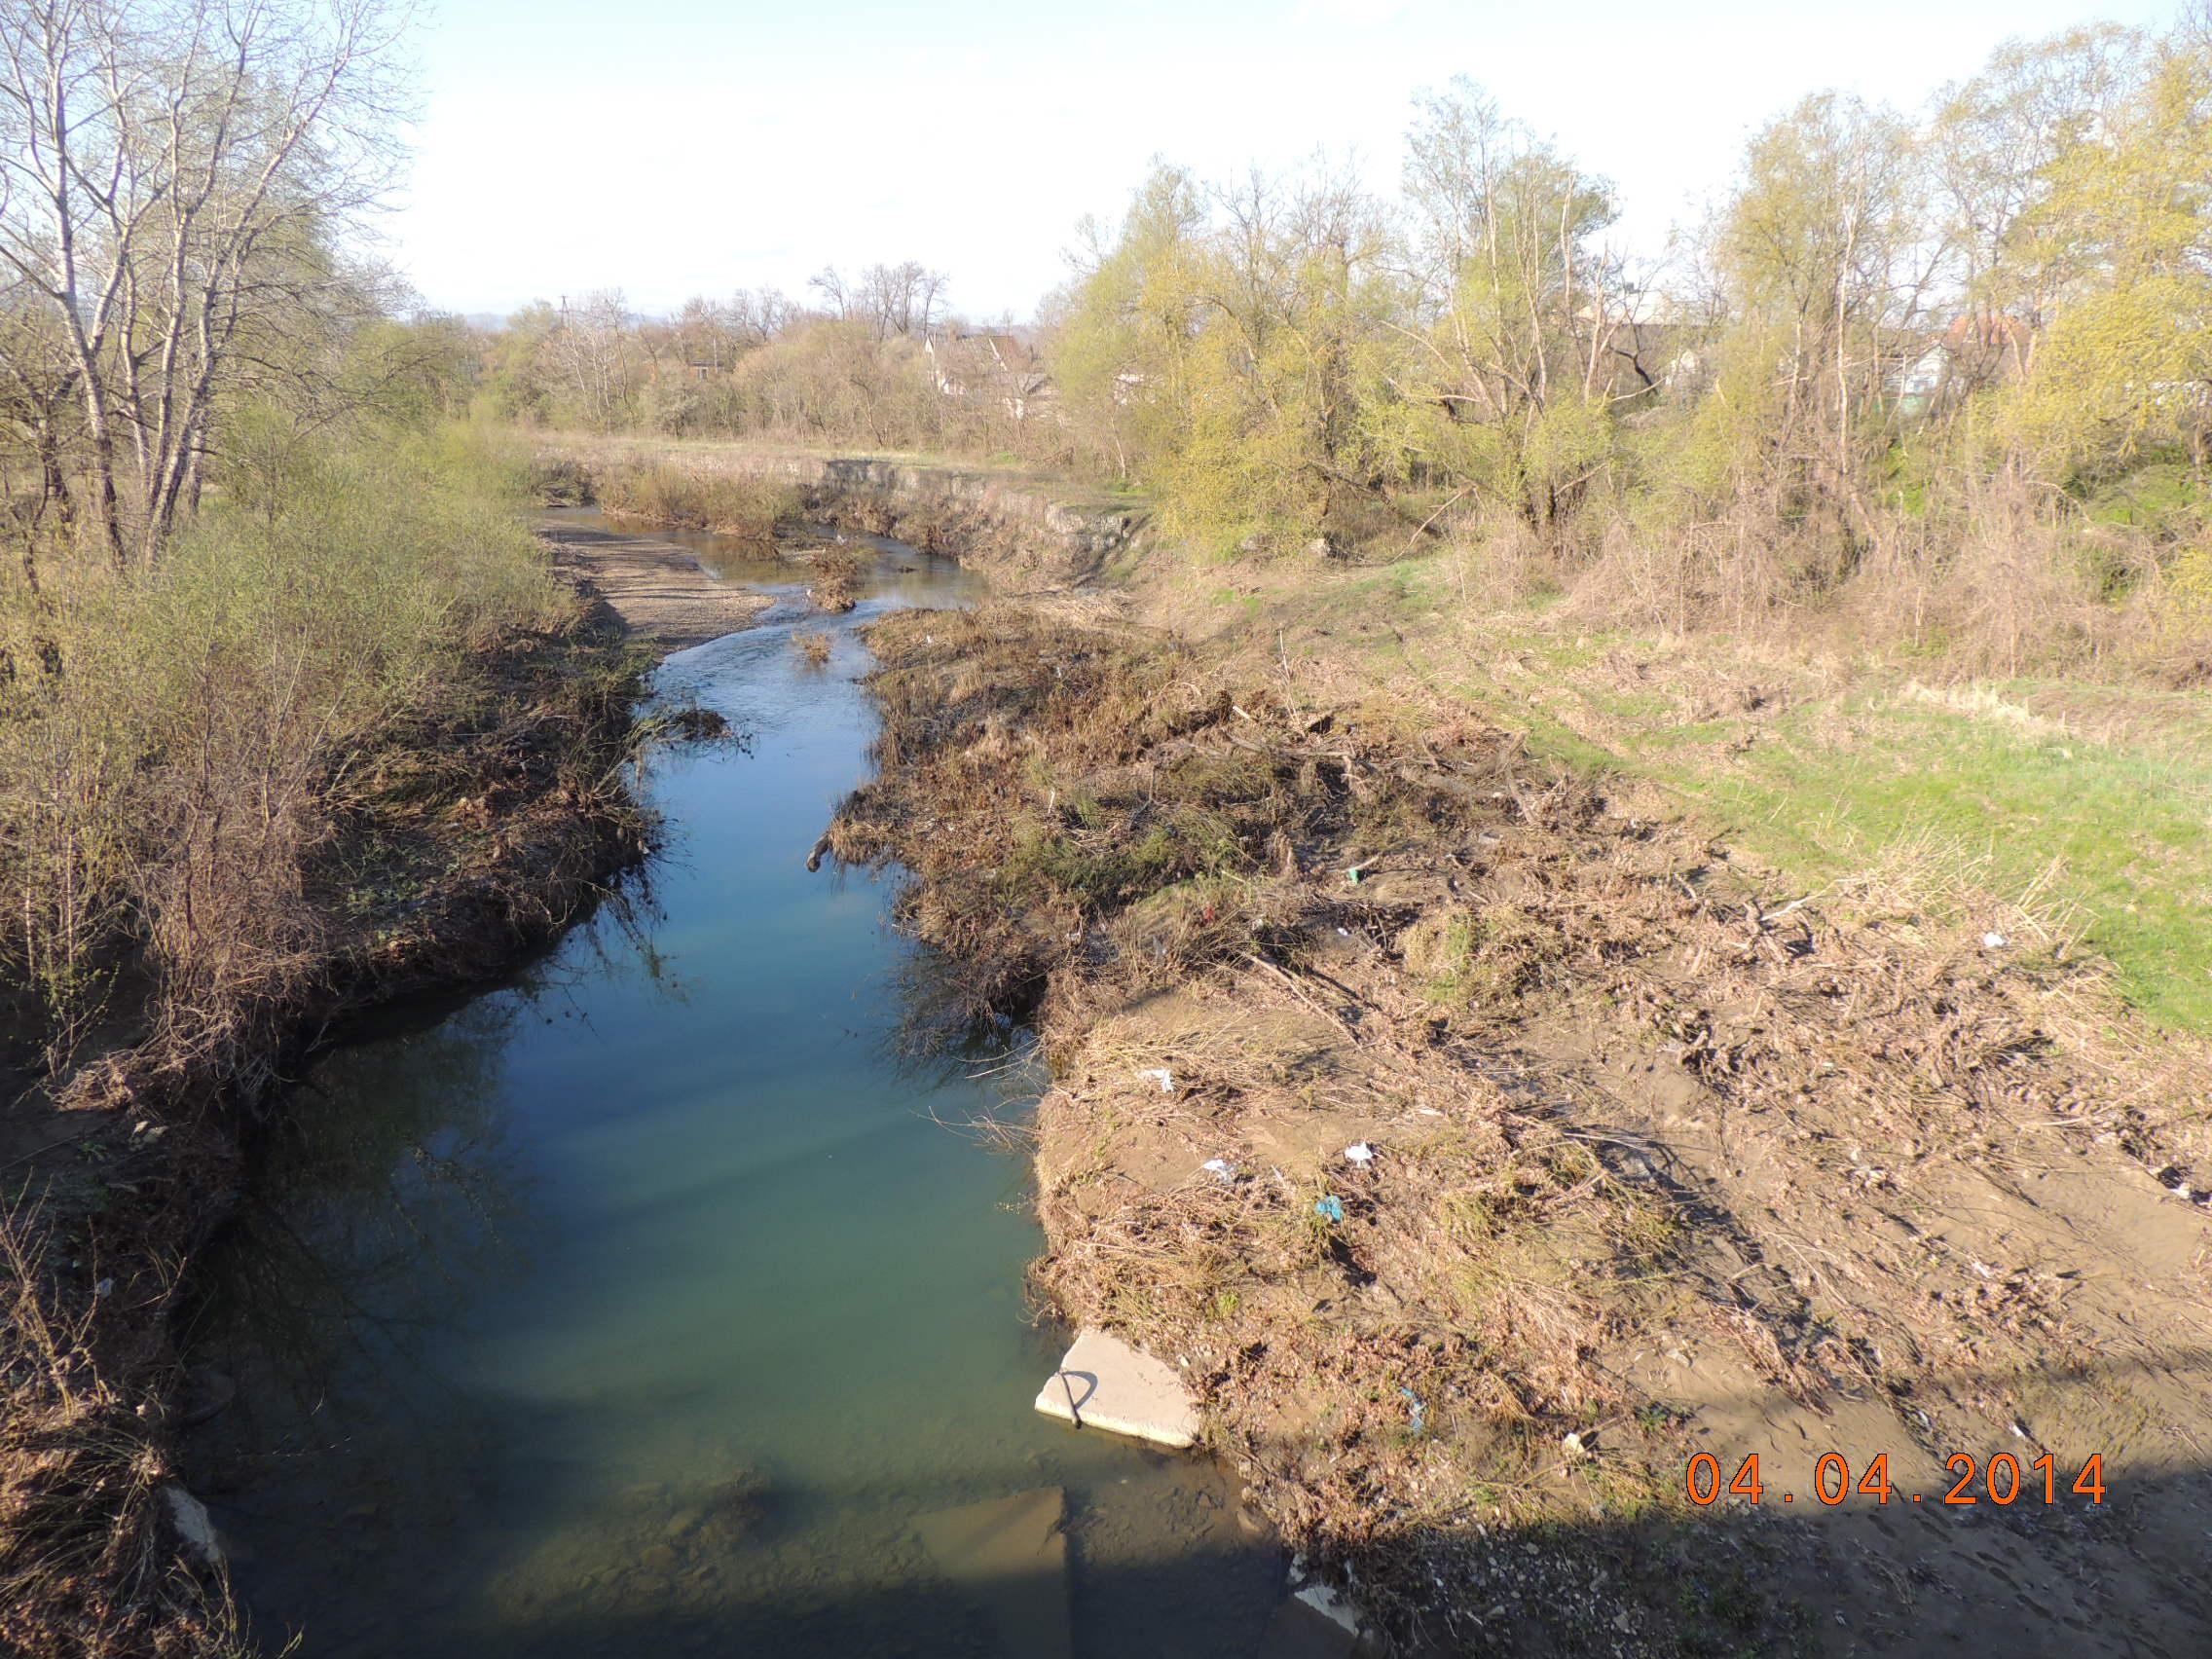 Проведение мониторинга рек нечепсухо